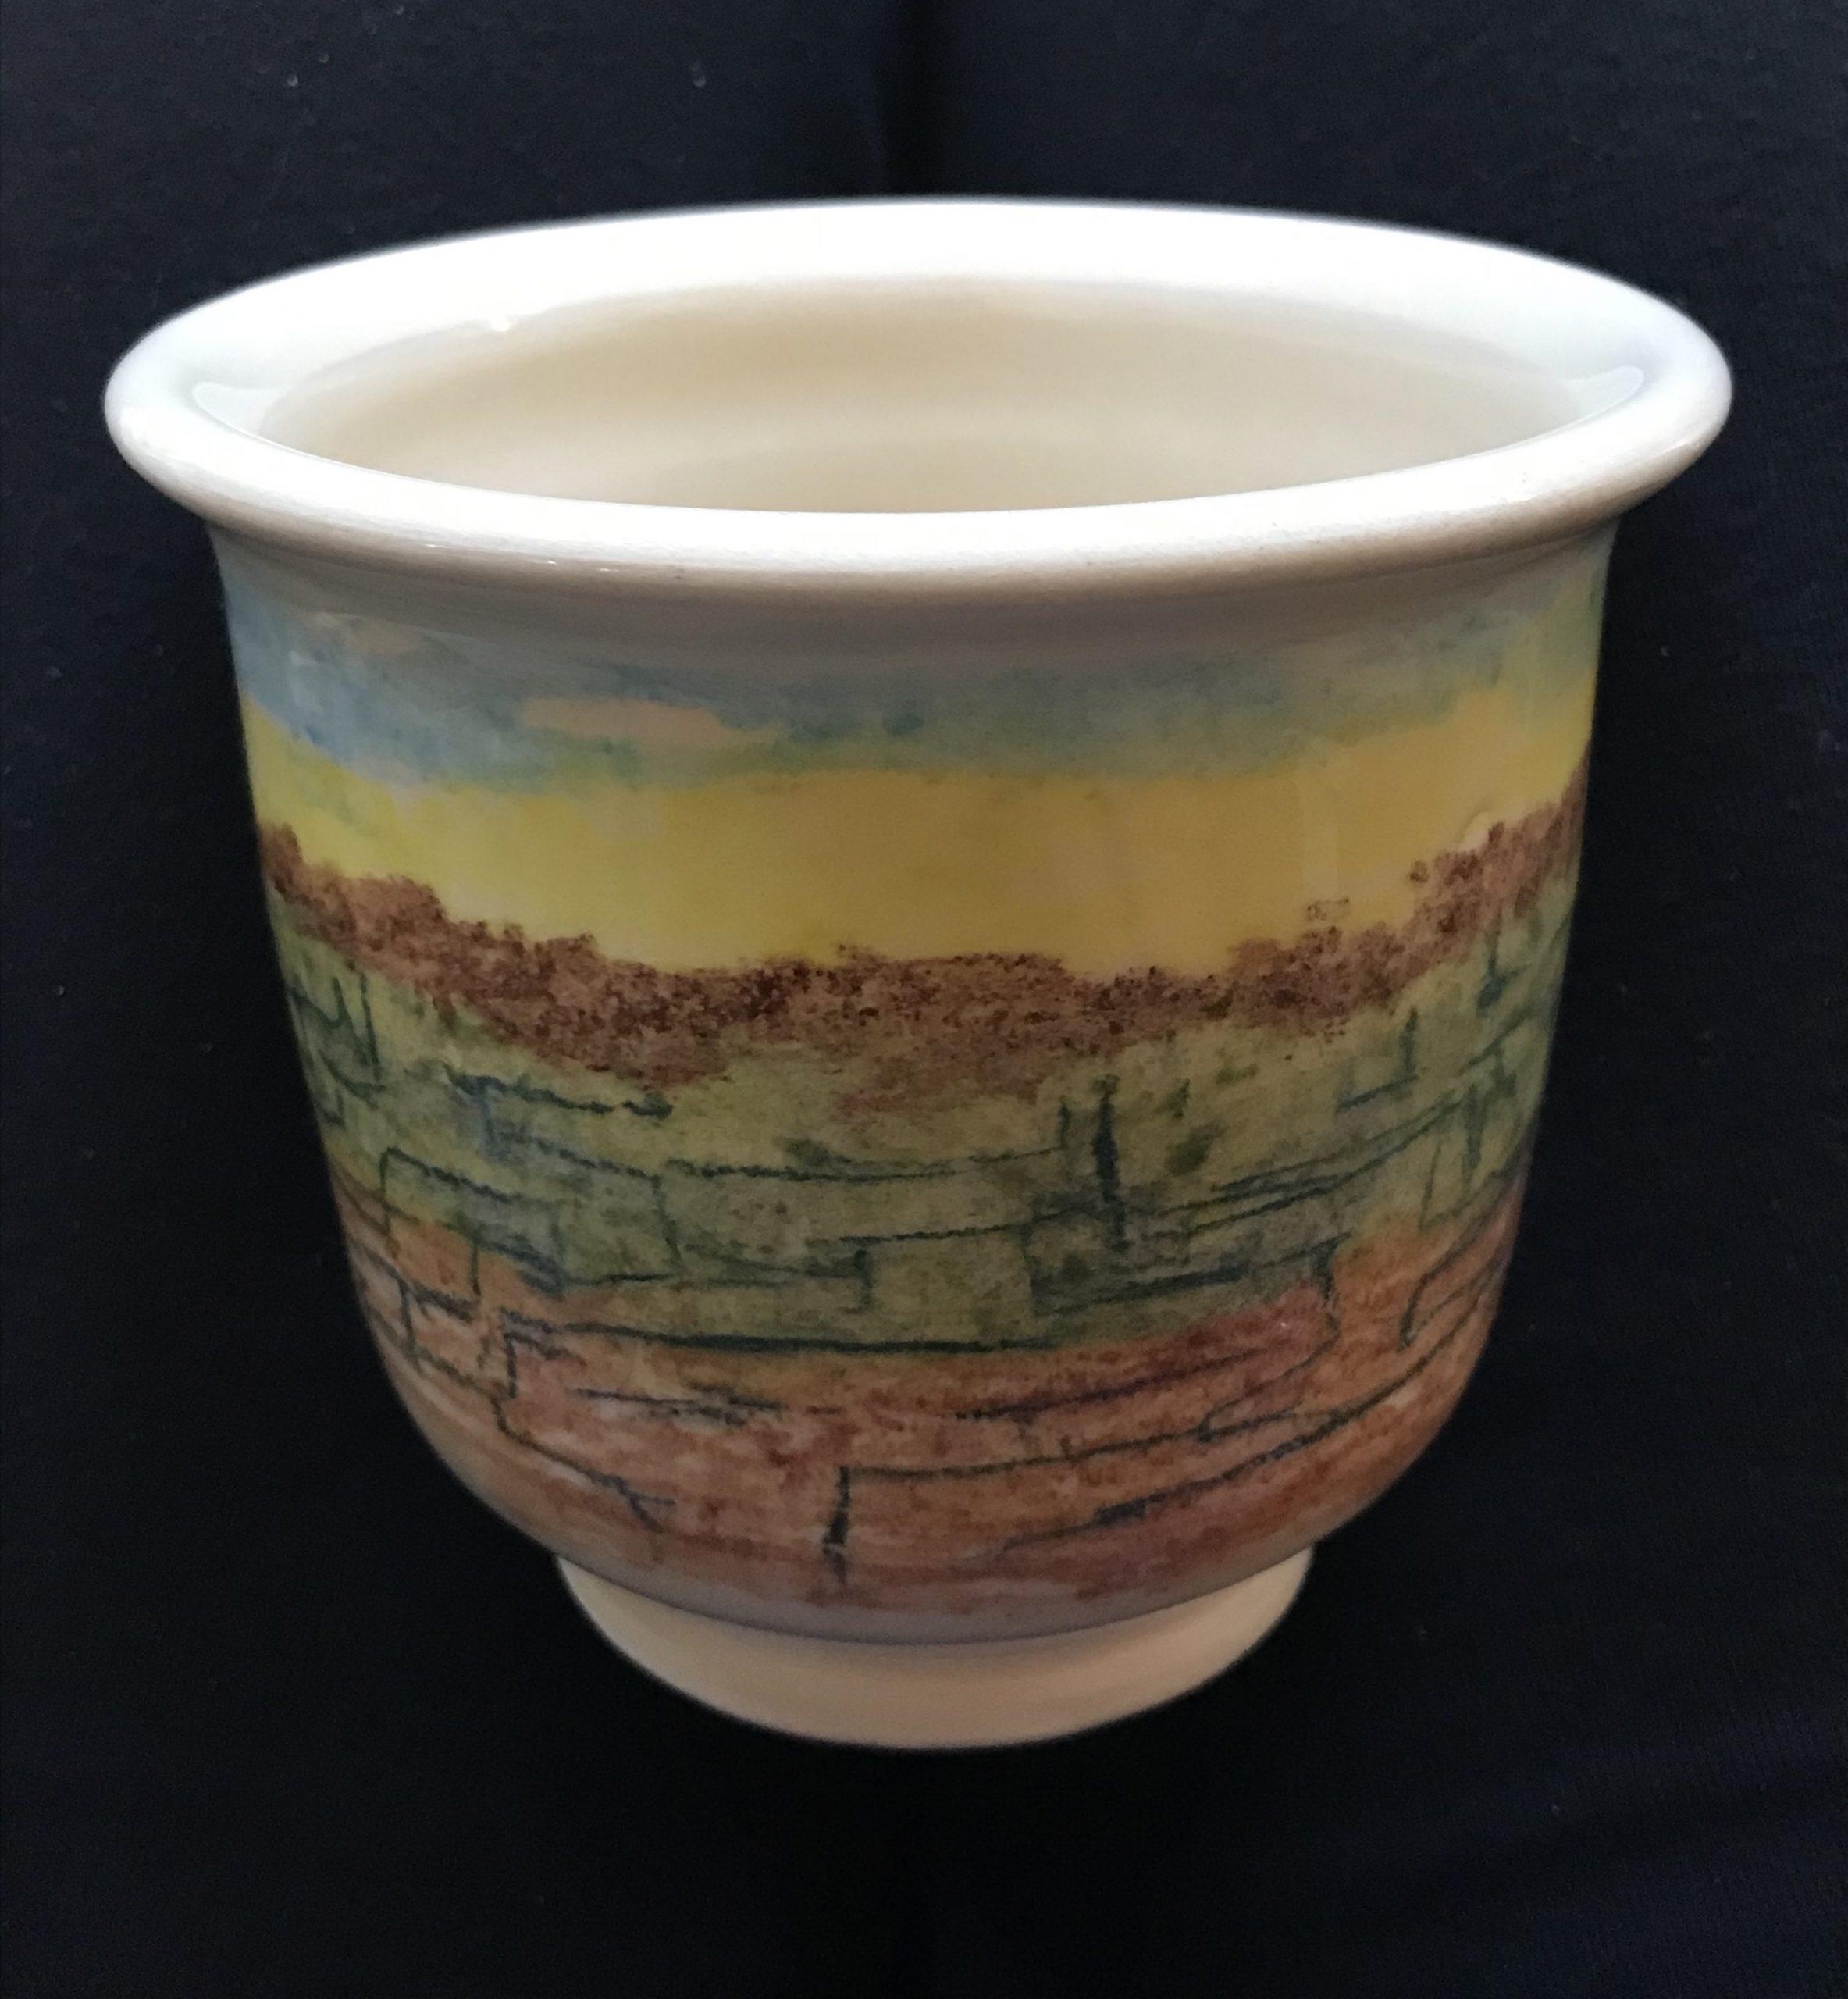 Barbara-Lee-Shakal-Karst-Landsape-Wheel-Thrown-Pottery